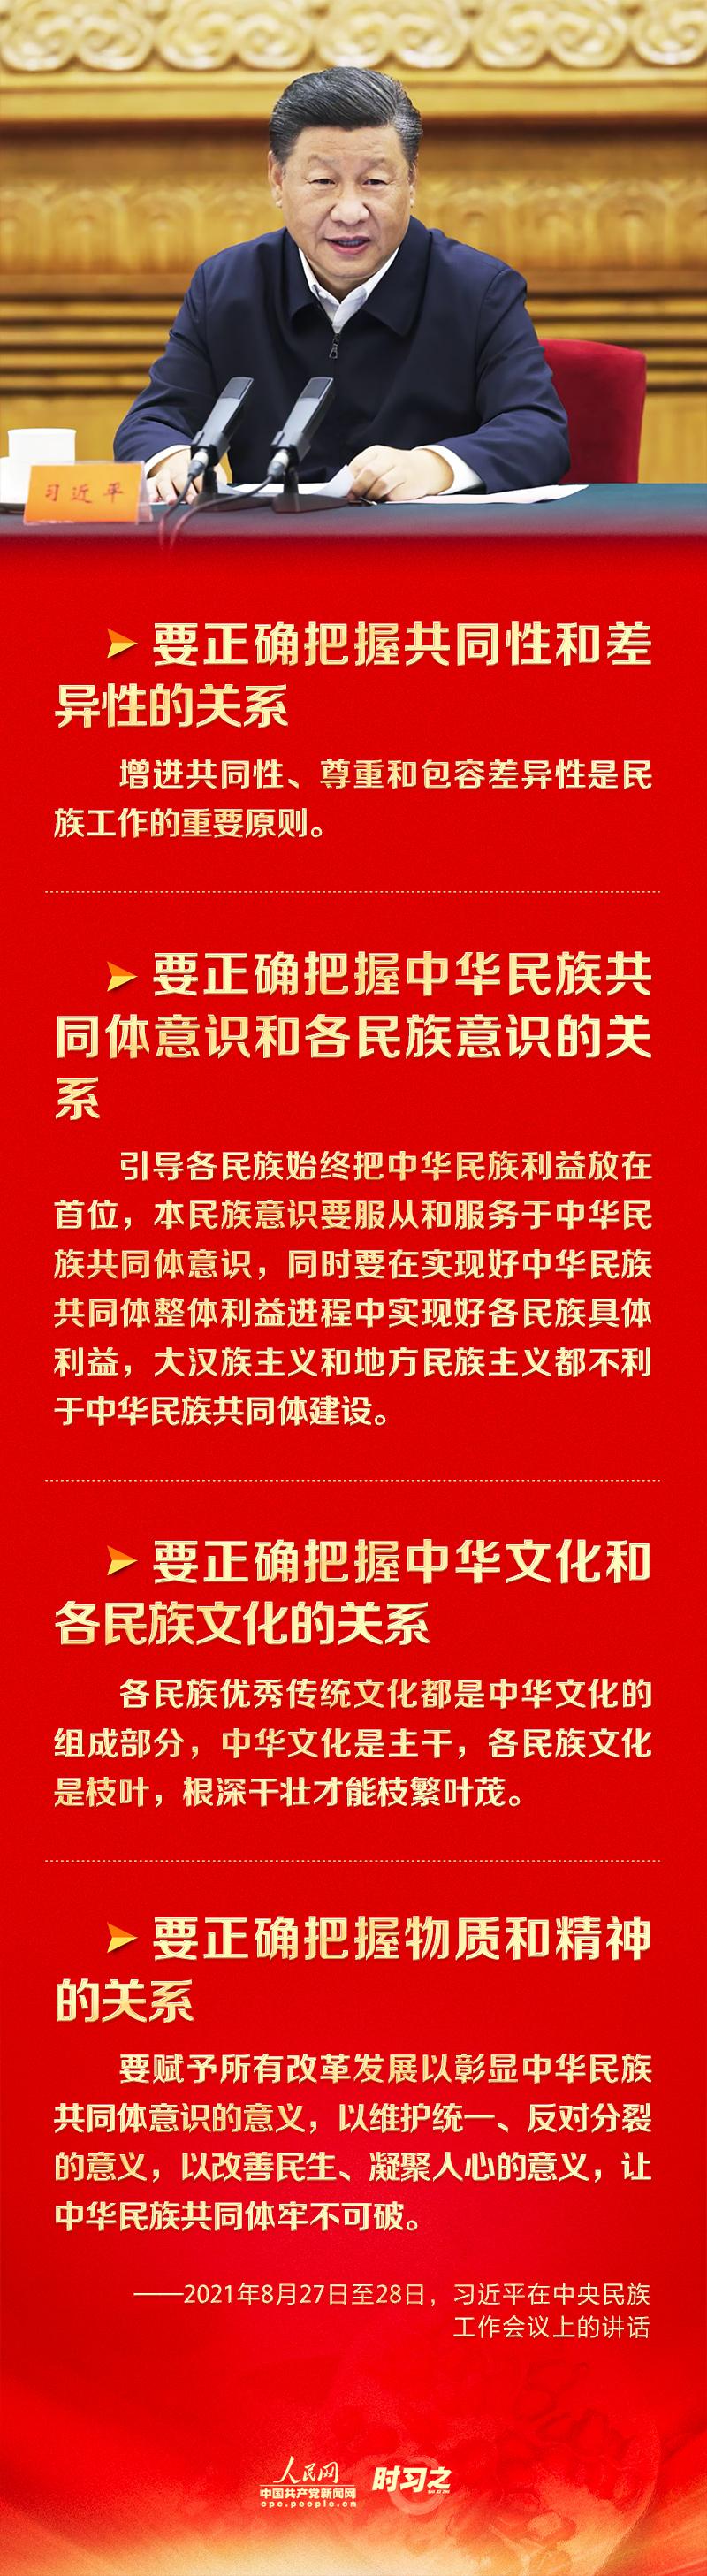 """创新发展党的民族工作 习近平指出要正确把握""""四个关系"""""""